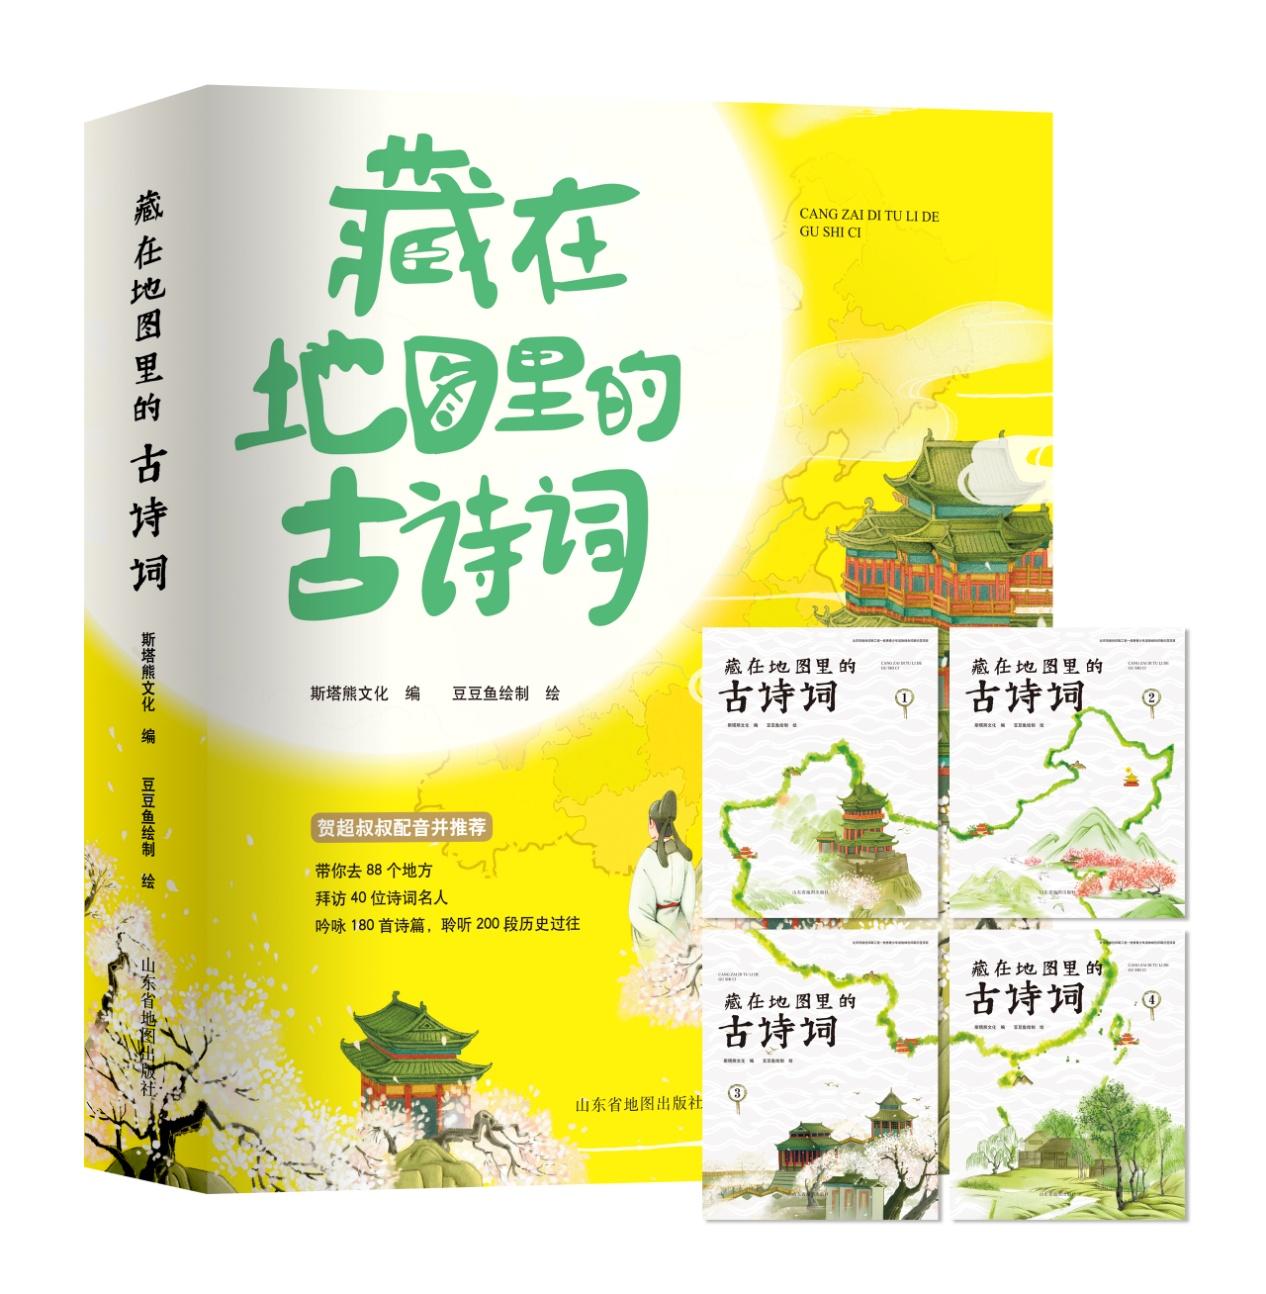 团购|《藏在地图里的古诗》(4册) 另附ib点读包下载链接